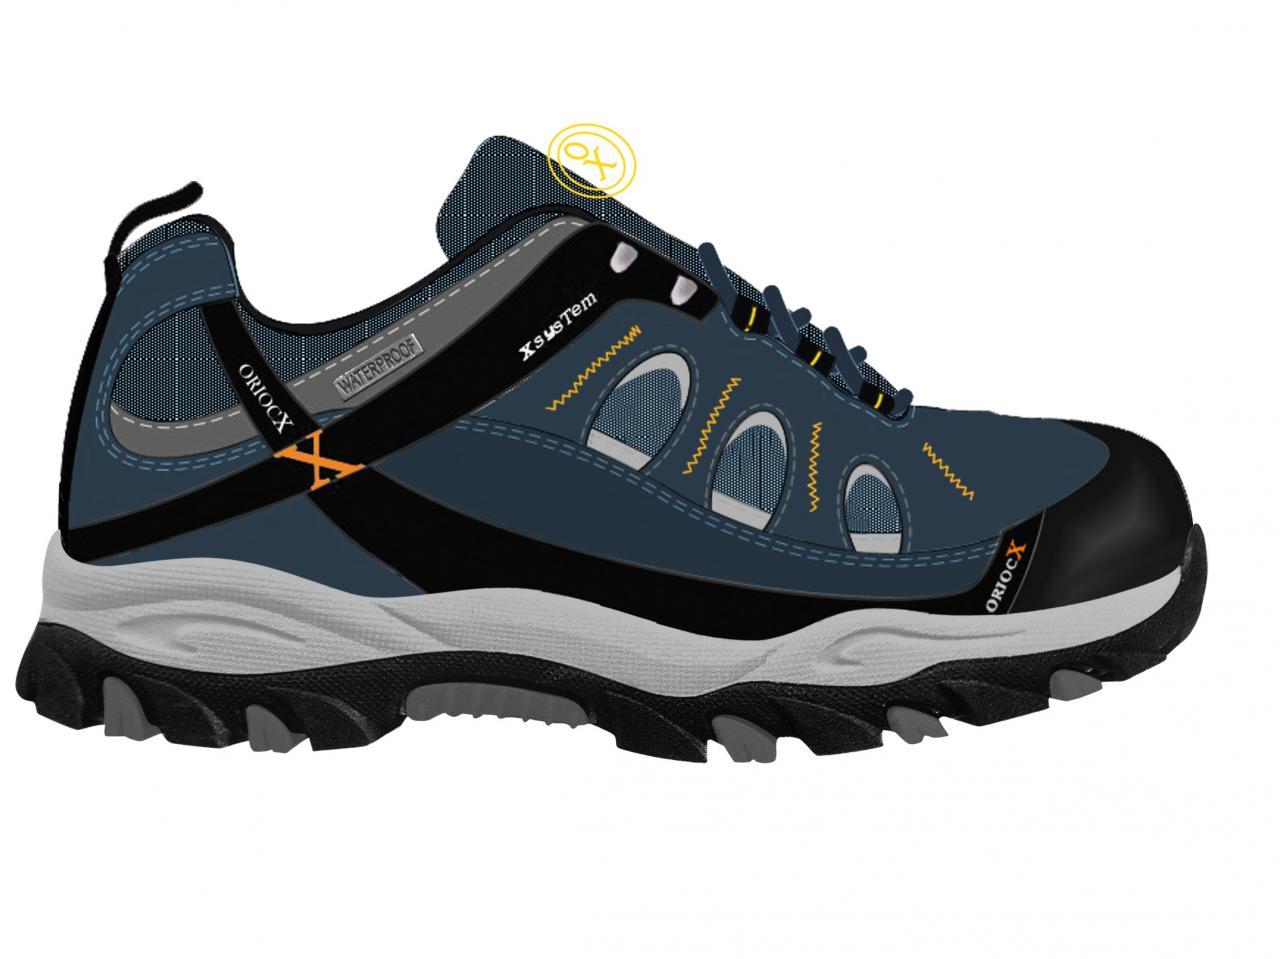 3c8b644c2c Scarpe da trekking per bambini Oriocx Tirgo - Kibuba, avventura all ...